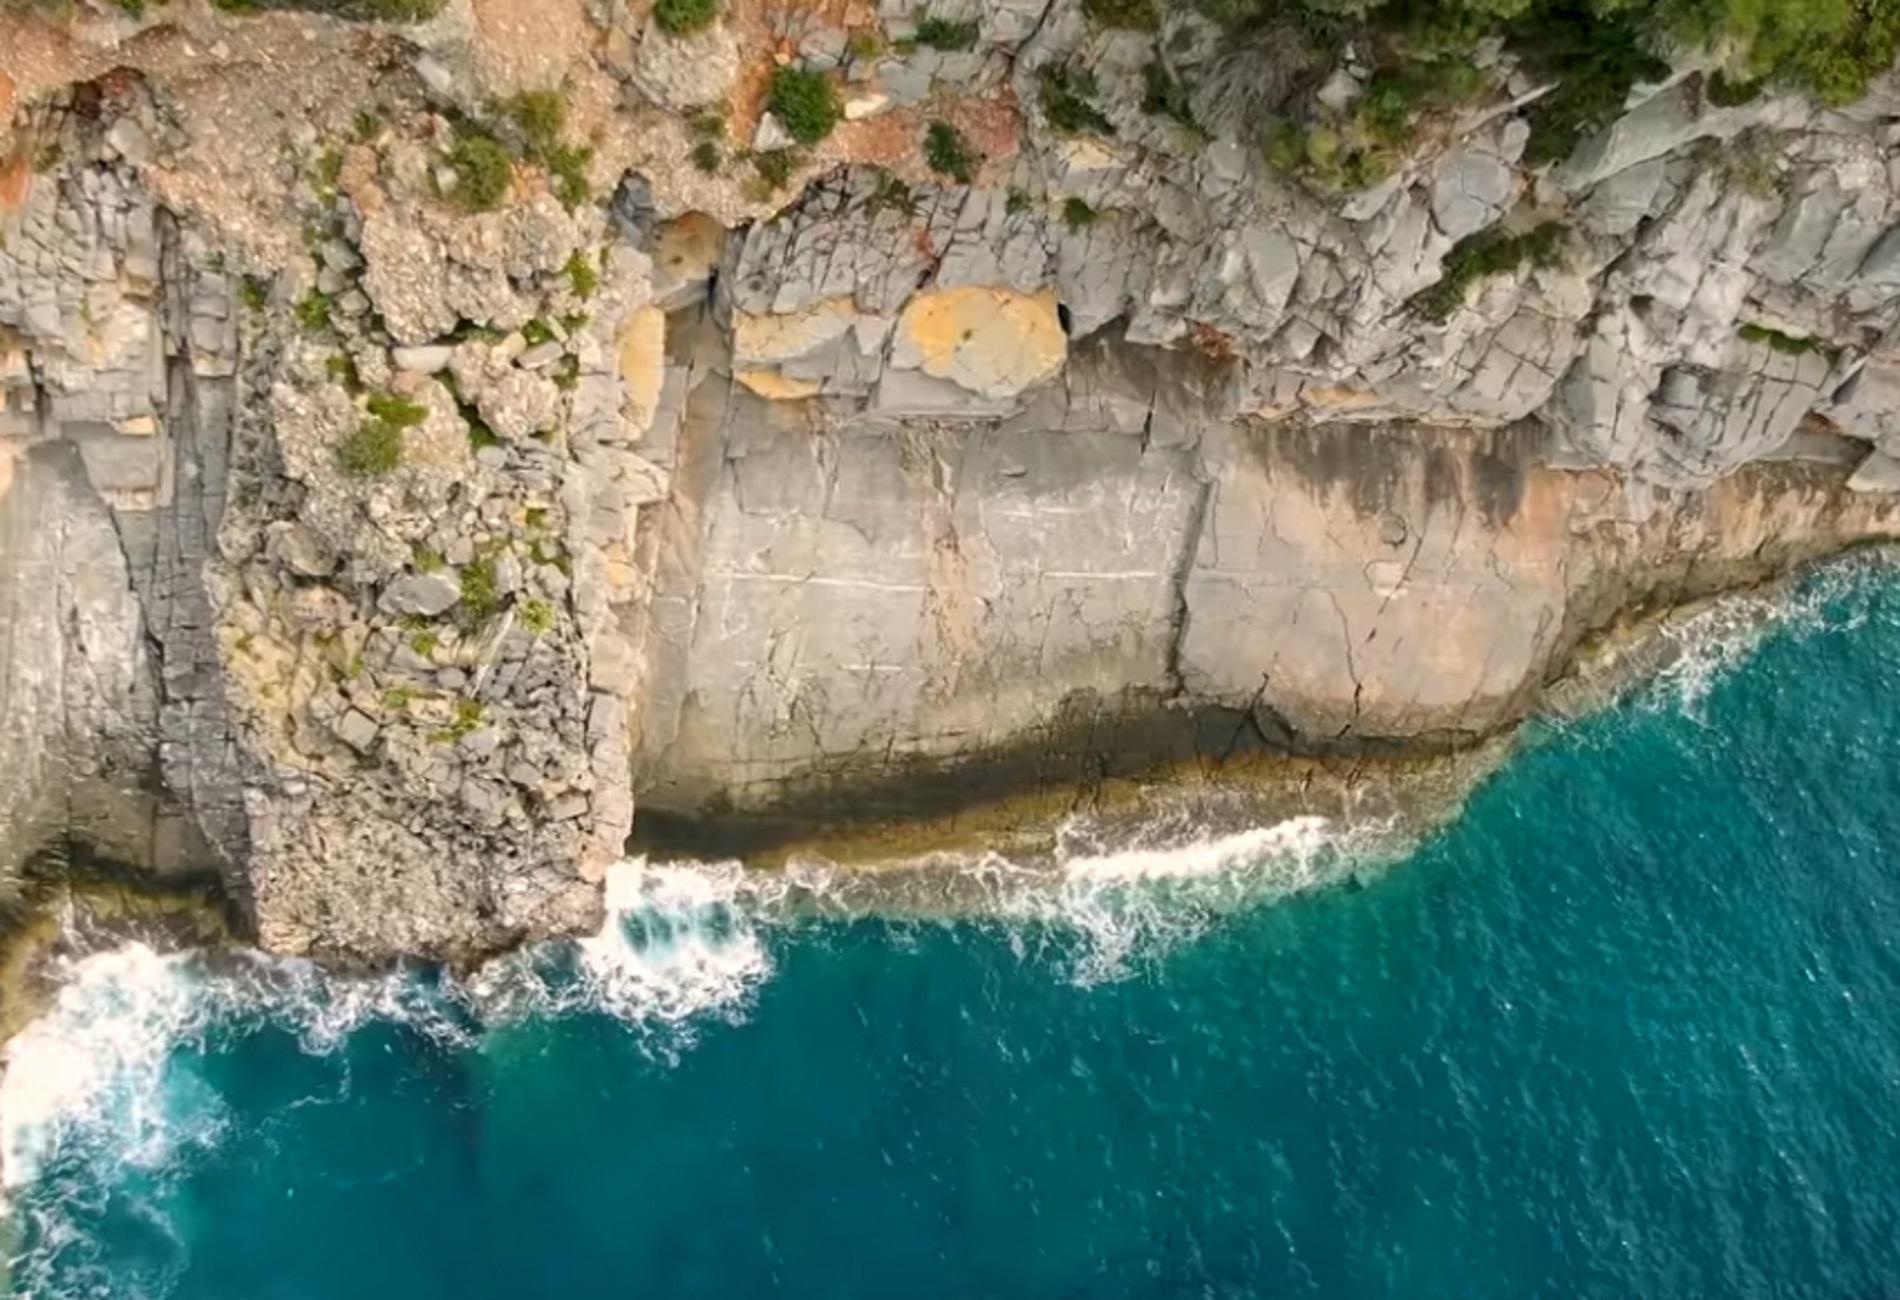 Μάνη: Βουτιές που κόβουν την ανάσα – Περιήγηση στην εκπληκτική παραλία με τις μοναδικές ομορφιές